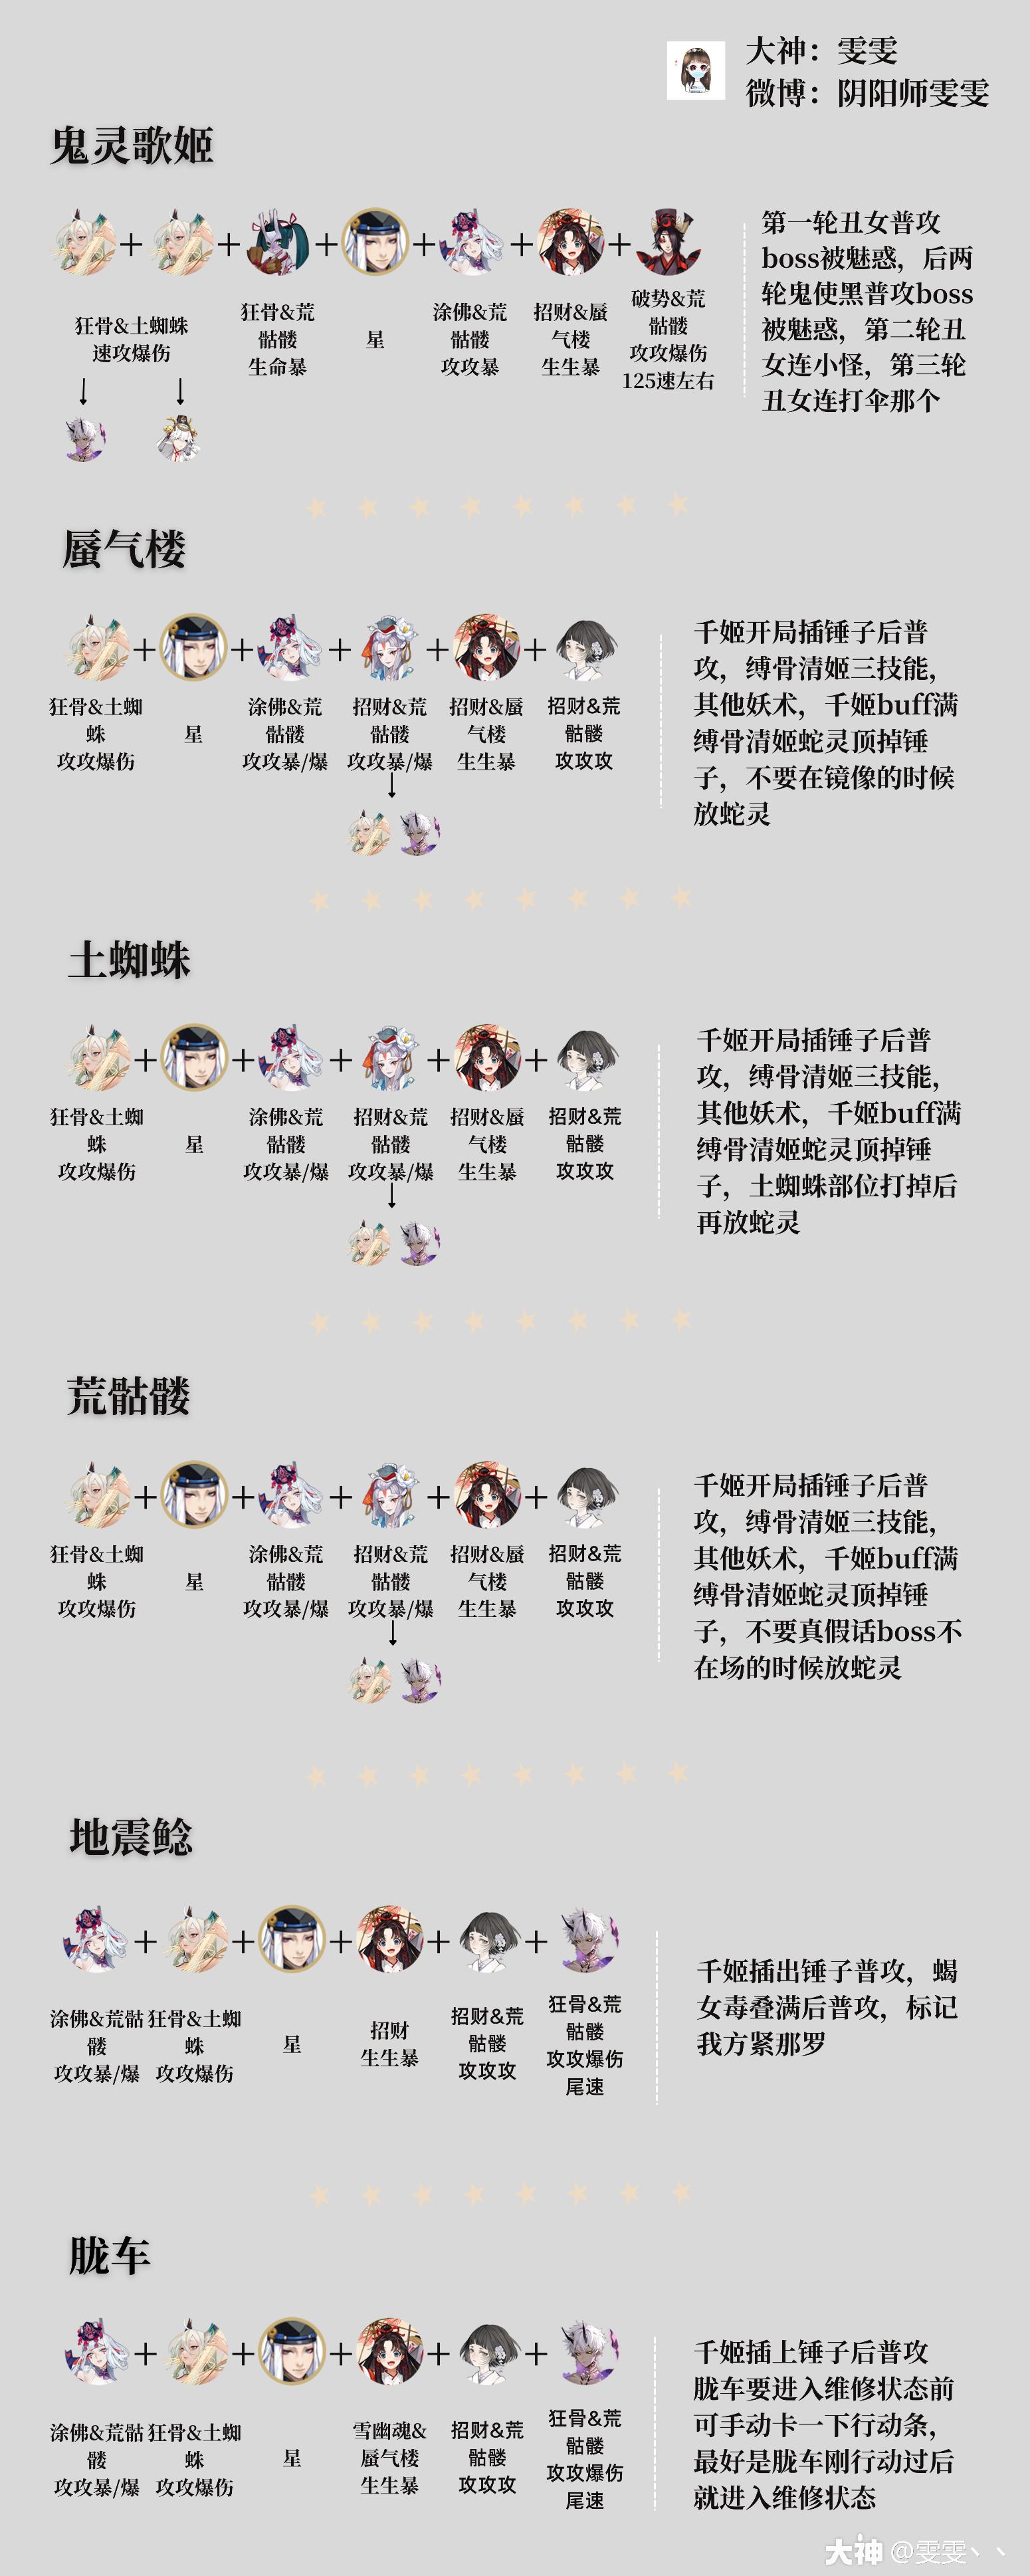 阴阳师鬼灭之刃联动版本日常活动攻略与阵容推荐大全